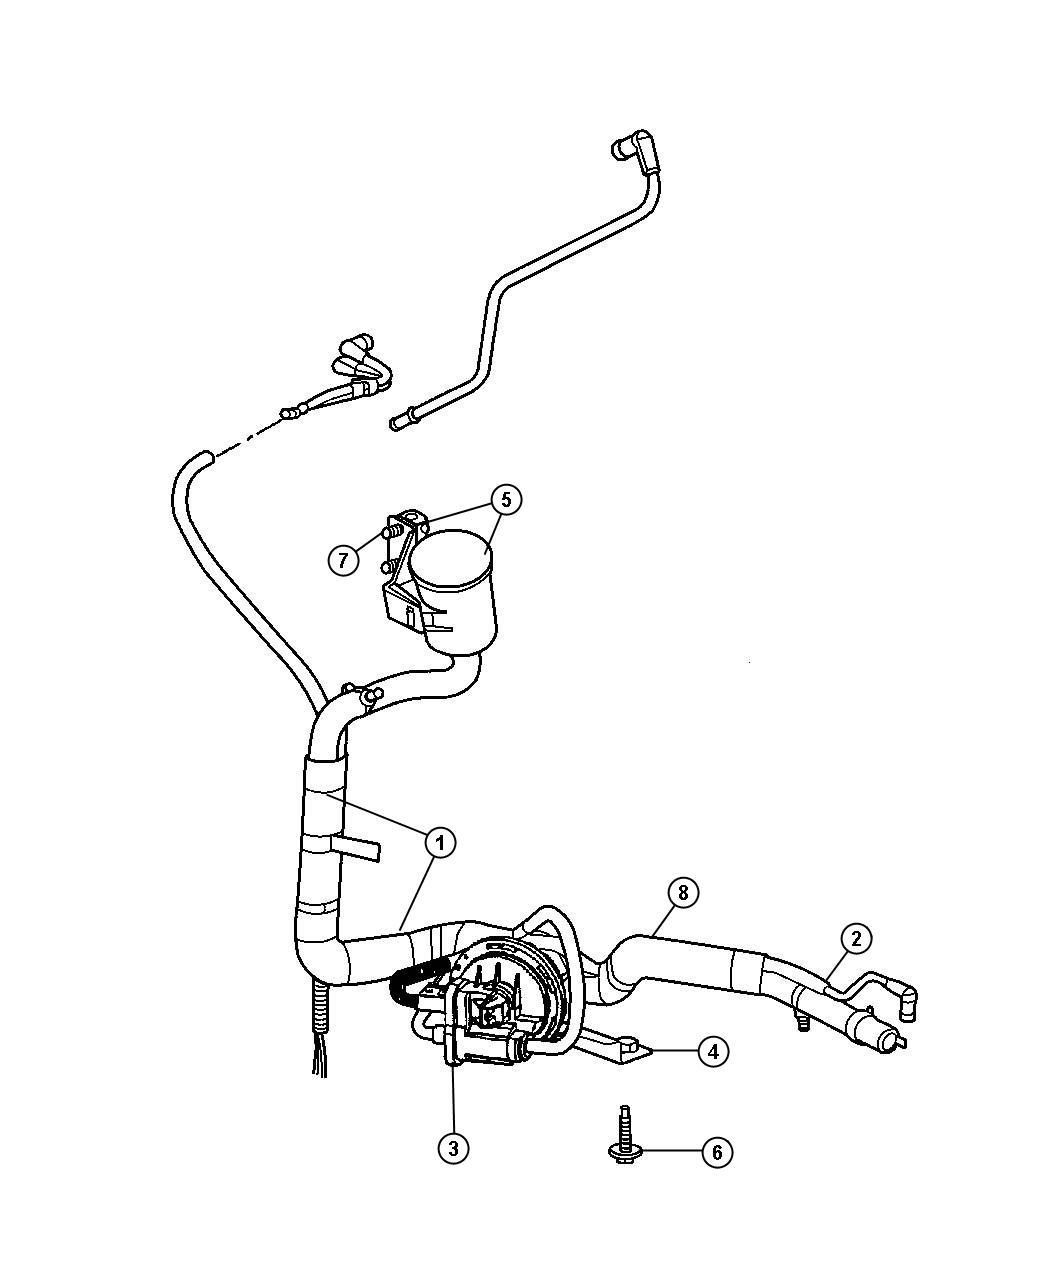 2004 Dodge Grand Caravan Leak Detection Pump